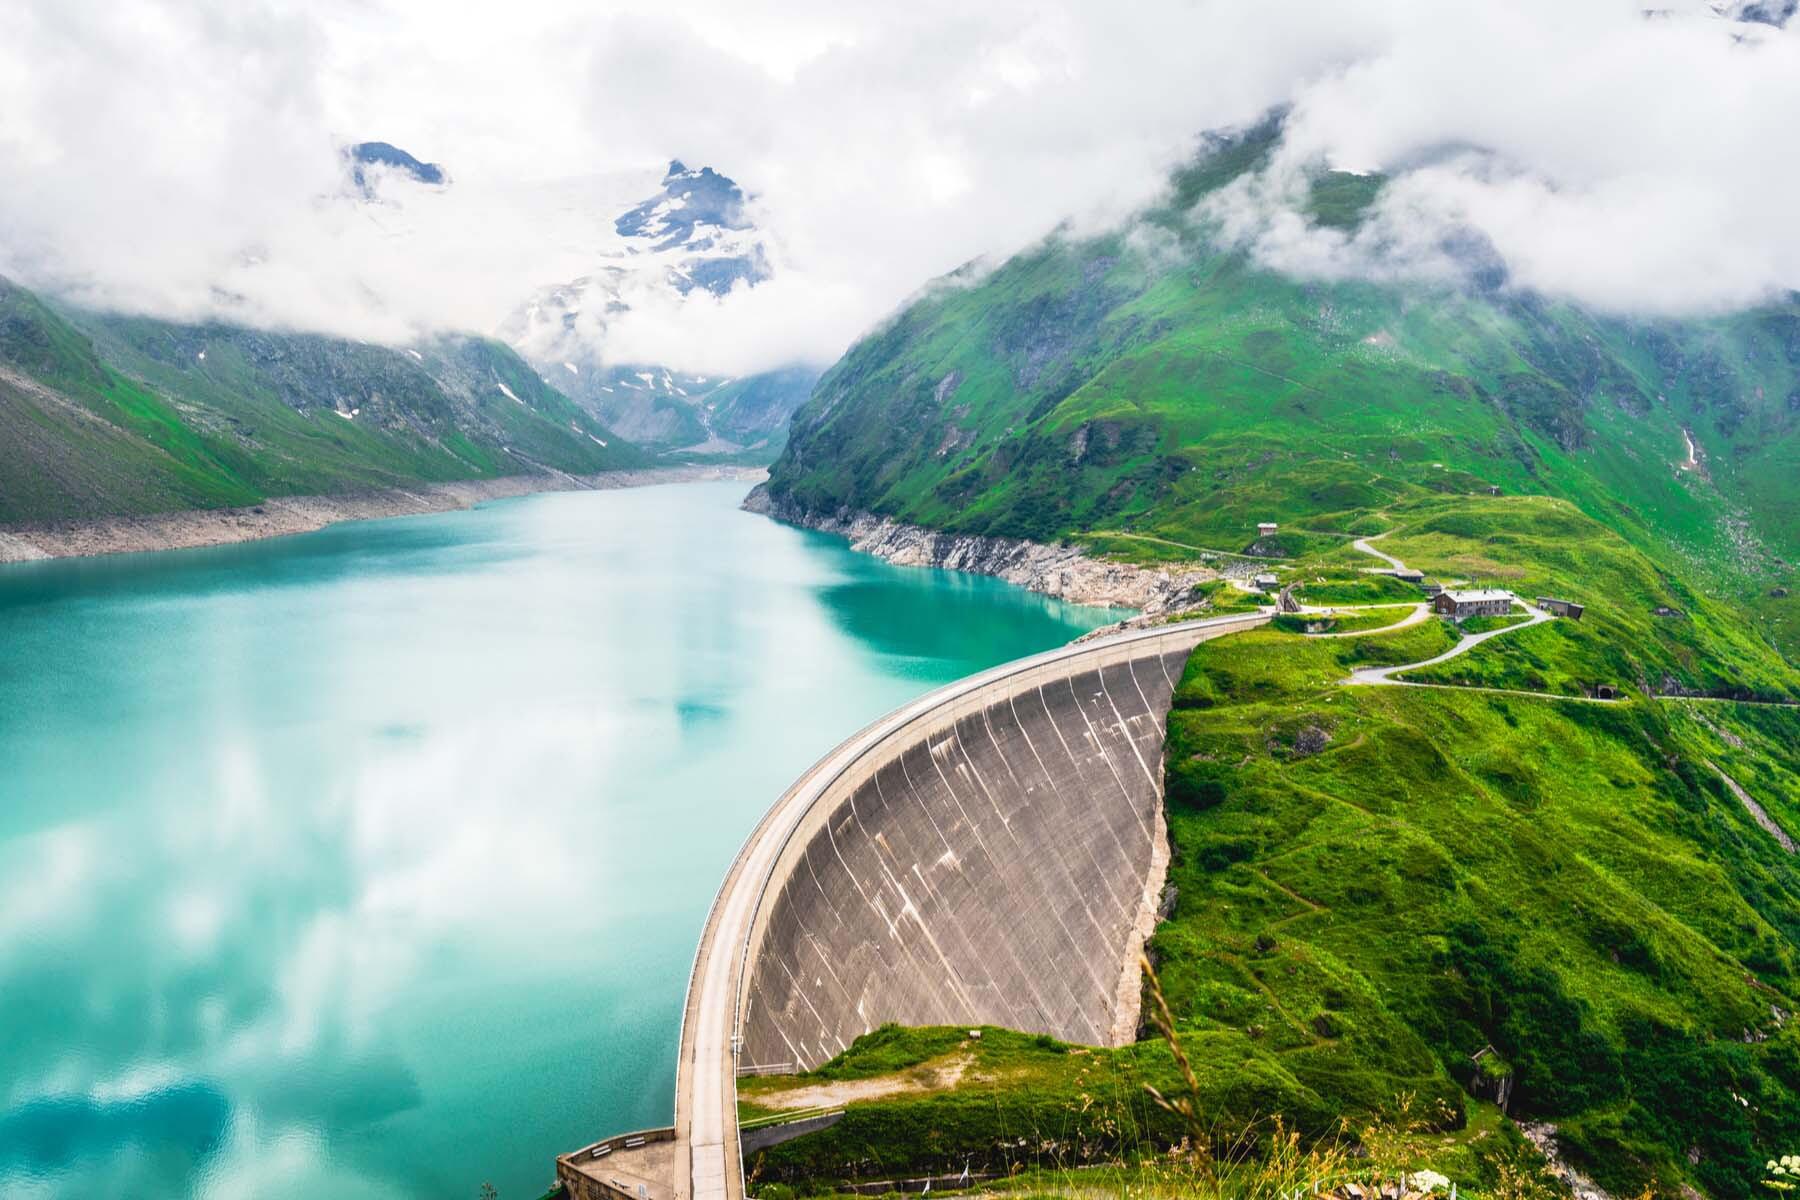 Hydroelectric dam in Austria